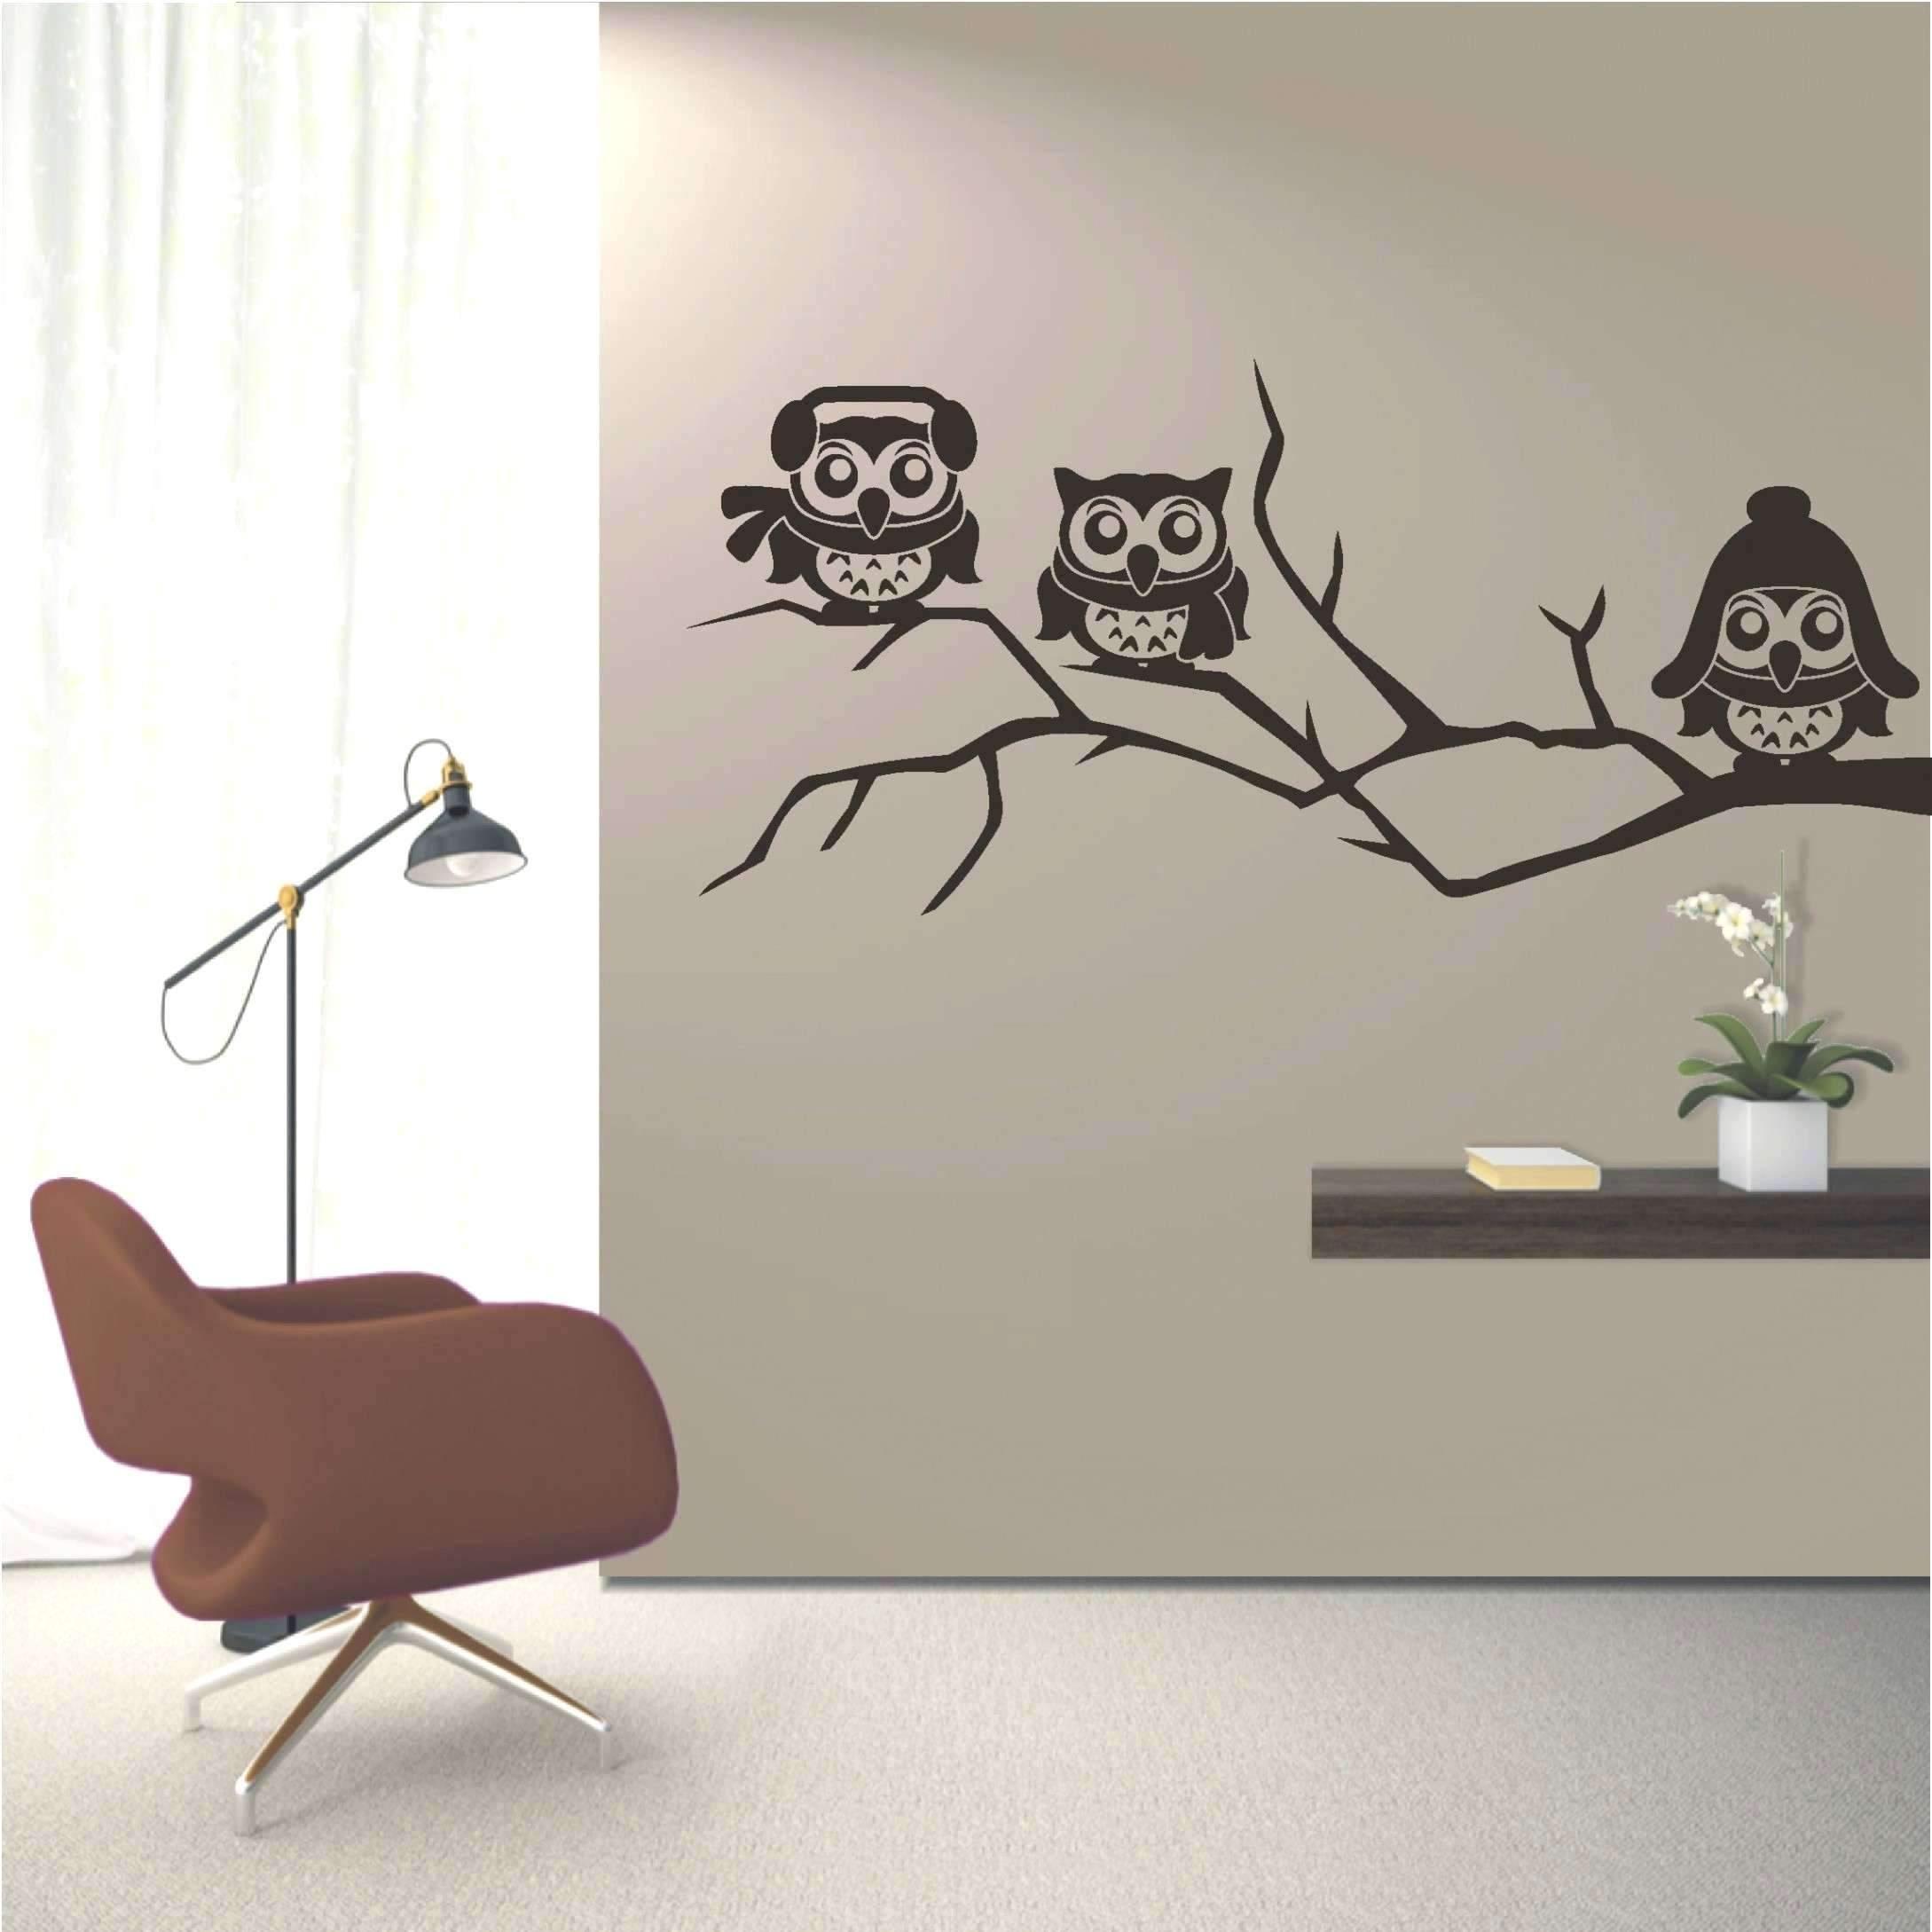 Full Size of Wanddeko Wohnzimmer Modern Ebay Ikea Metall Silber Holz Diy Bilder Selber Machen Amazon Ideen Das Beste Von Wandtatoo Deckenleuchte Heizkörper Lampe Vorhänge Wohnzimmer Wanddeko Wohnzimmer